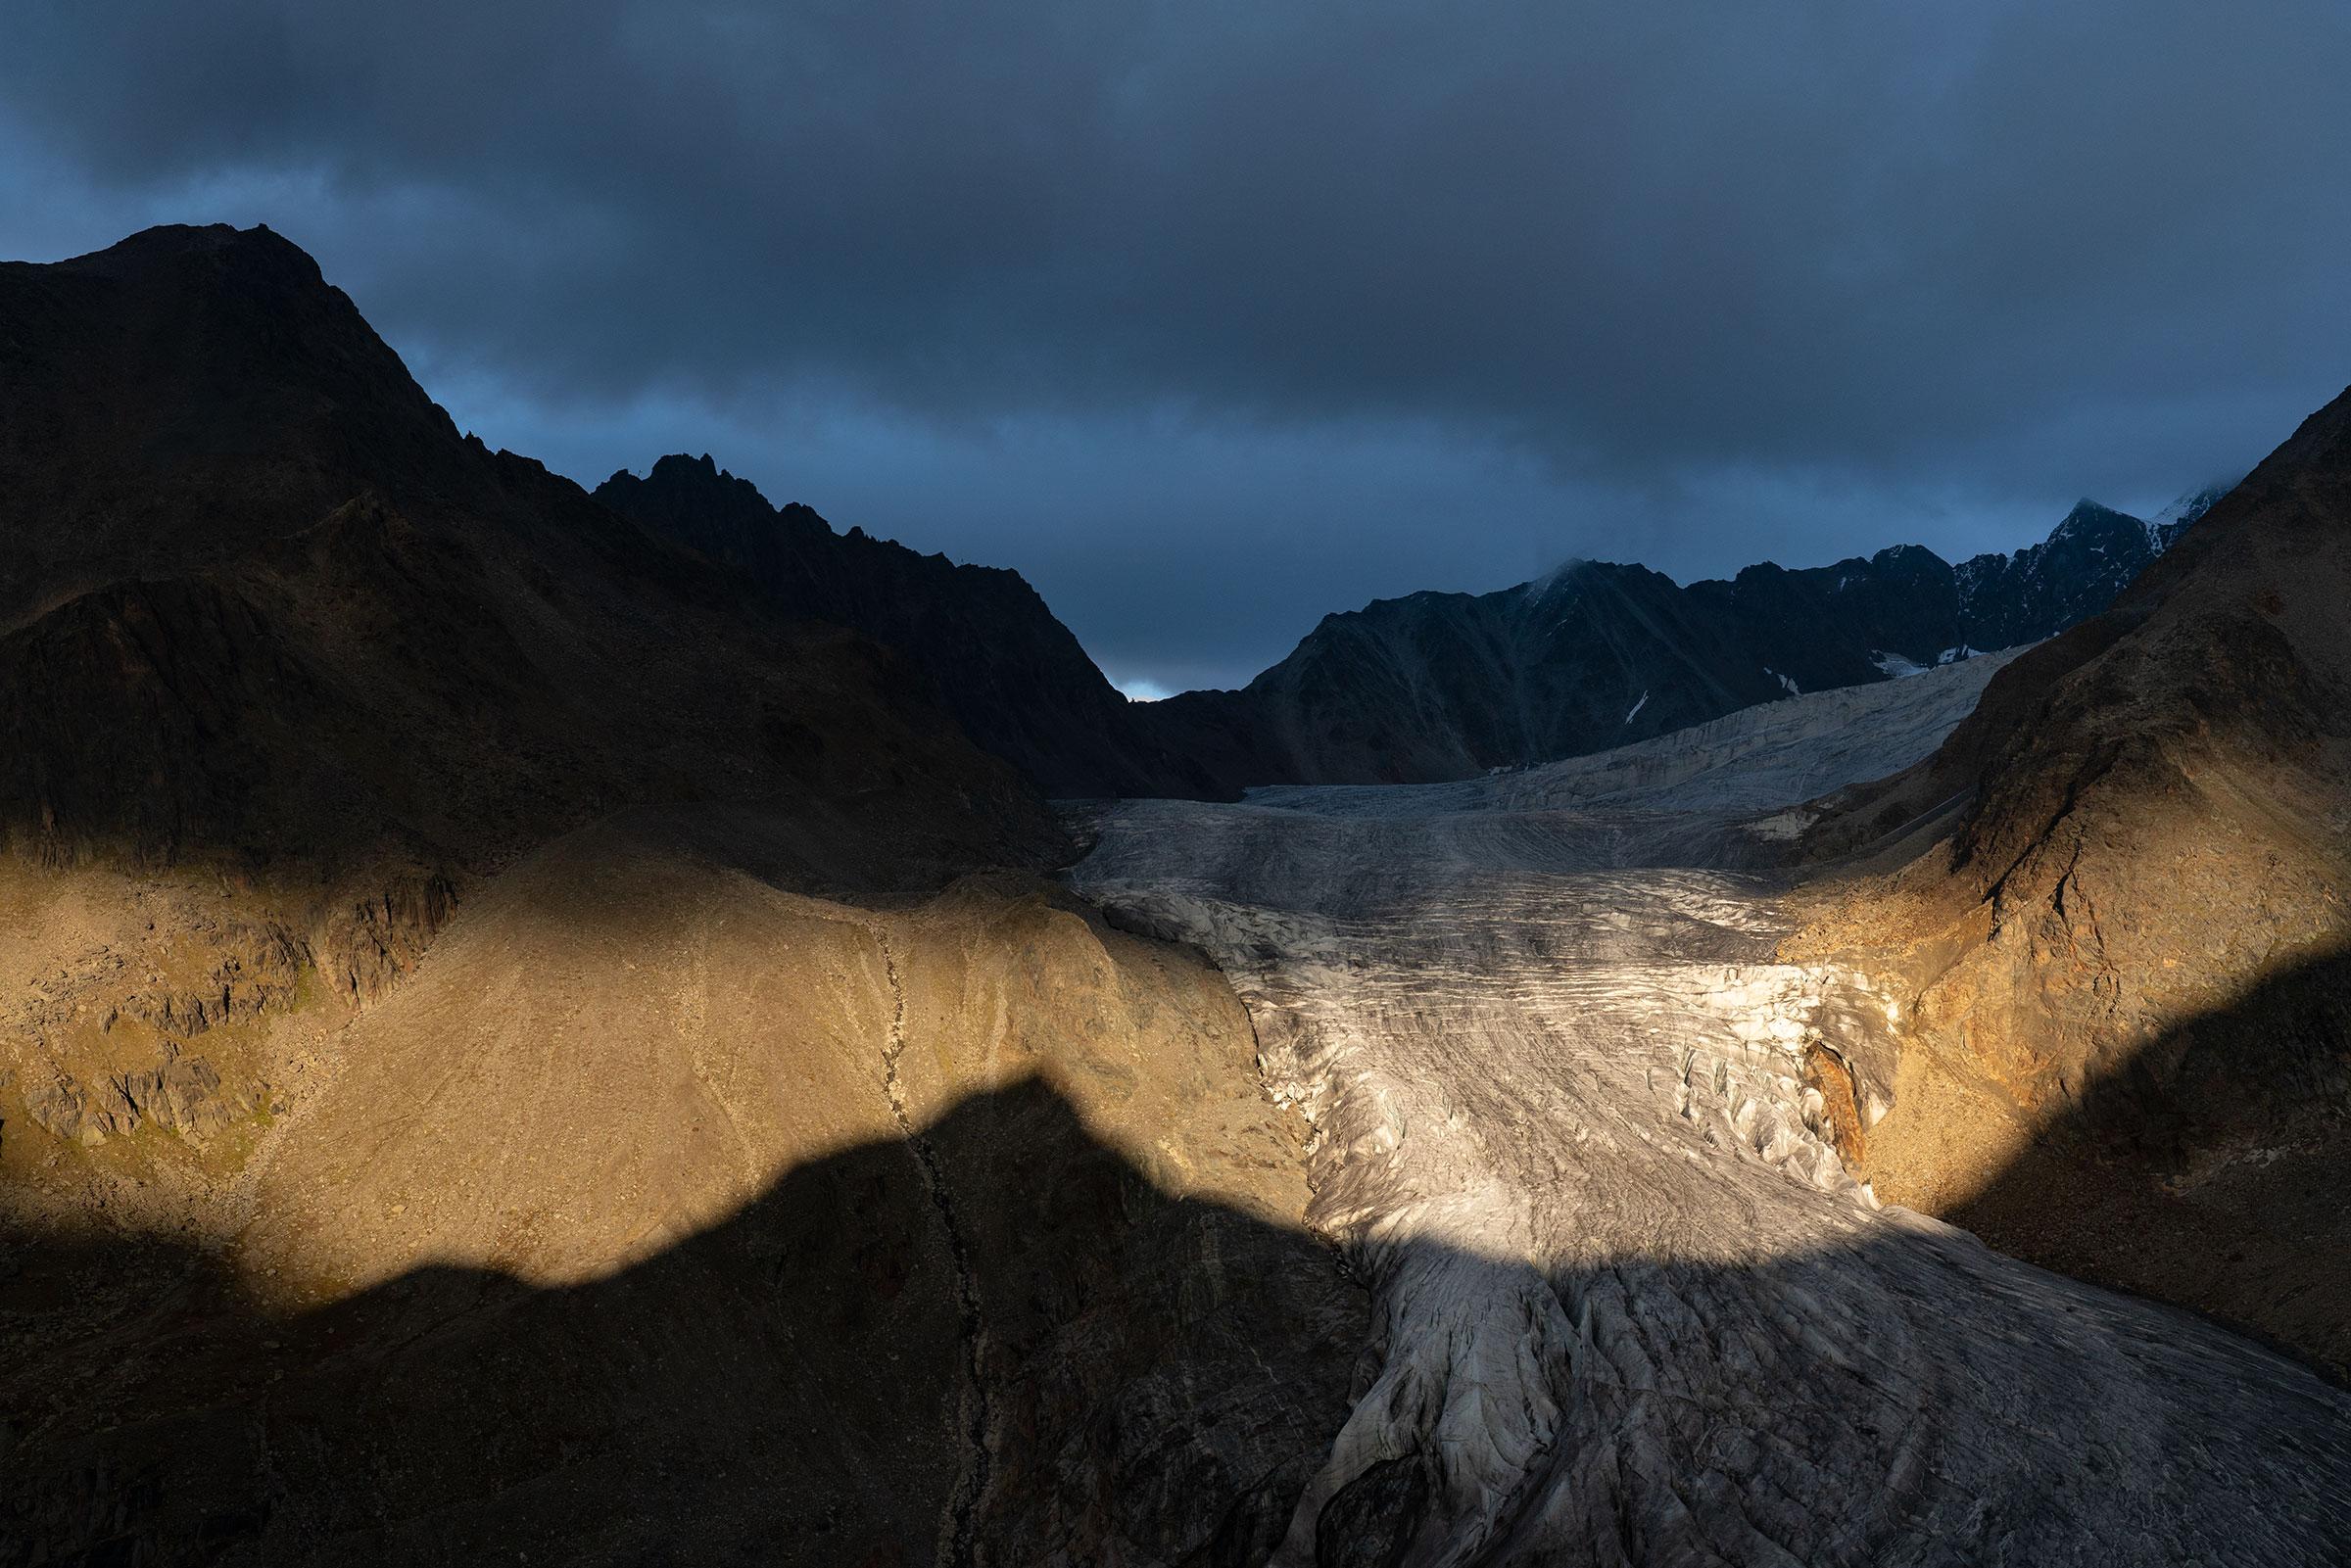 Gletscherzunge Taschachferner - Ötztaler Gletscher